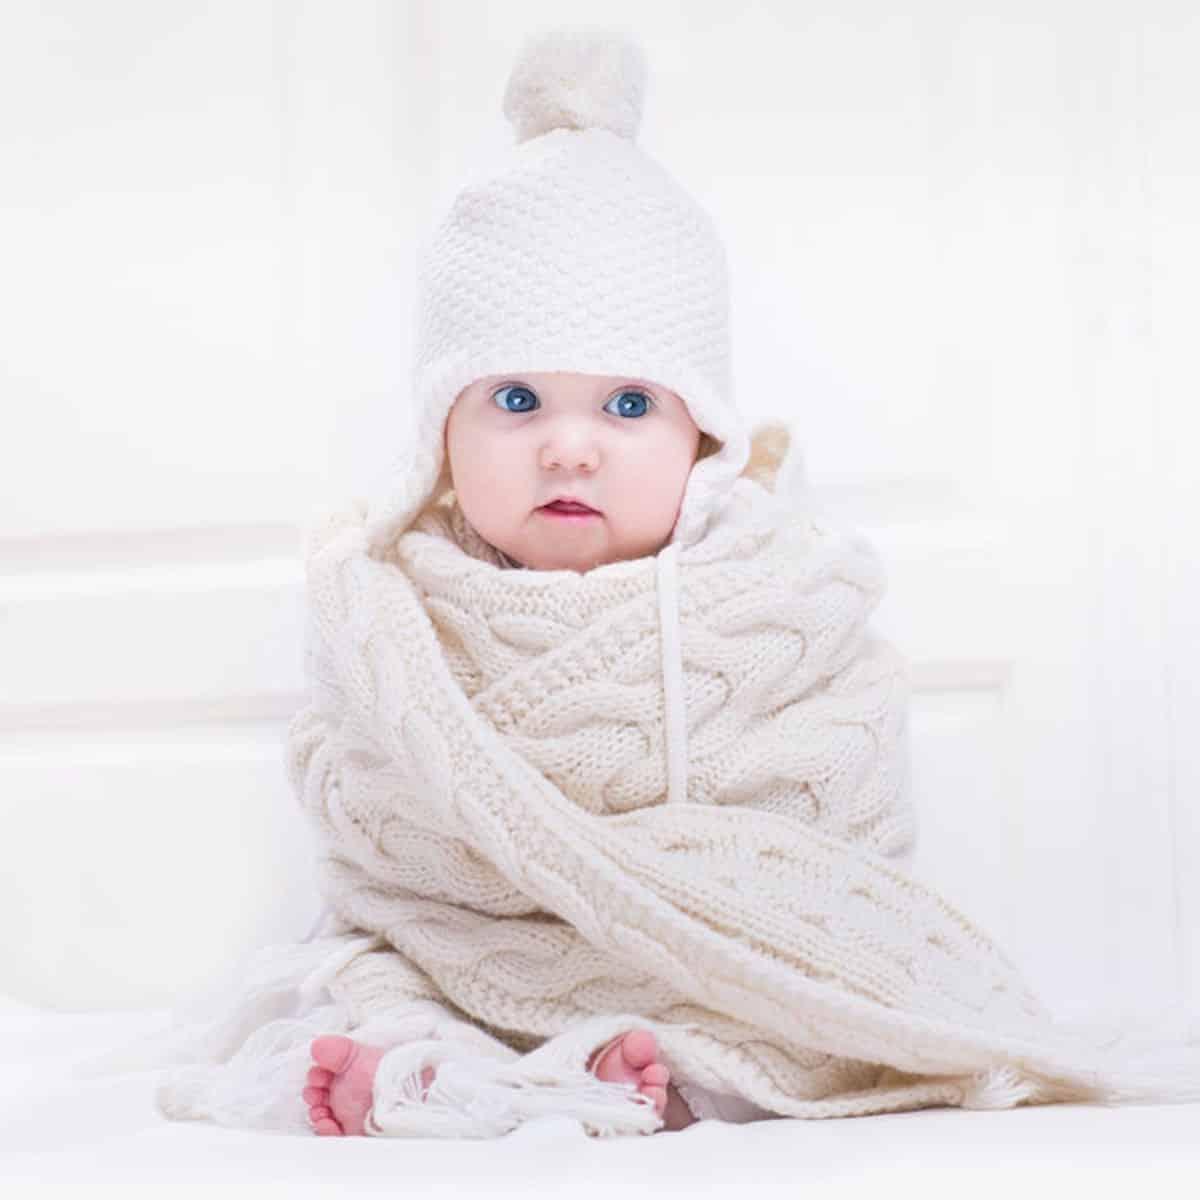 Babykleding Winter.Babykleding Voor De Winter Hoe Kleed Je Jouw Baby Aan In De Winter